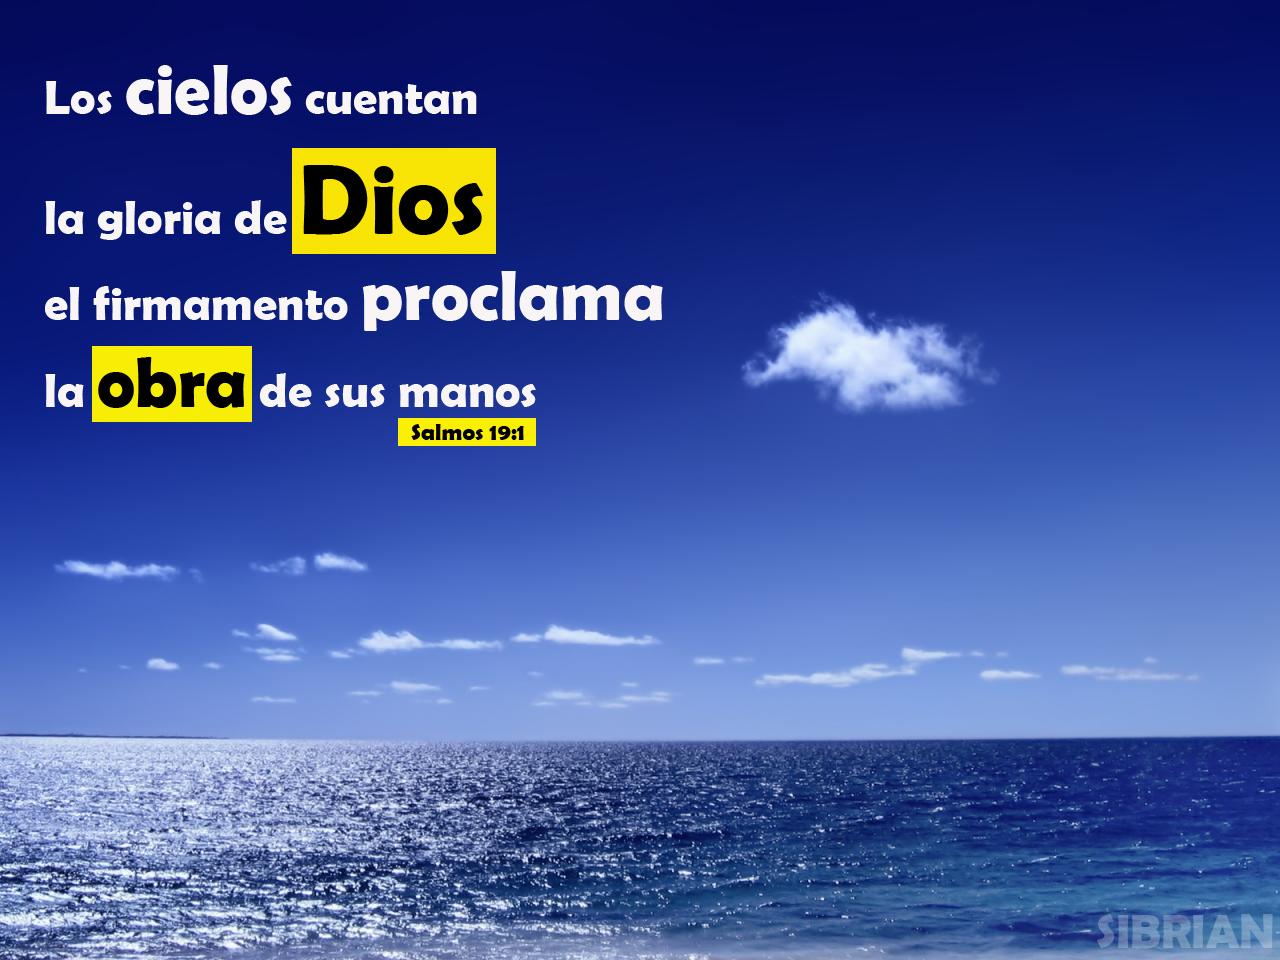 fondos de pantalla cristianos evangelicos gratis